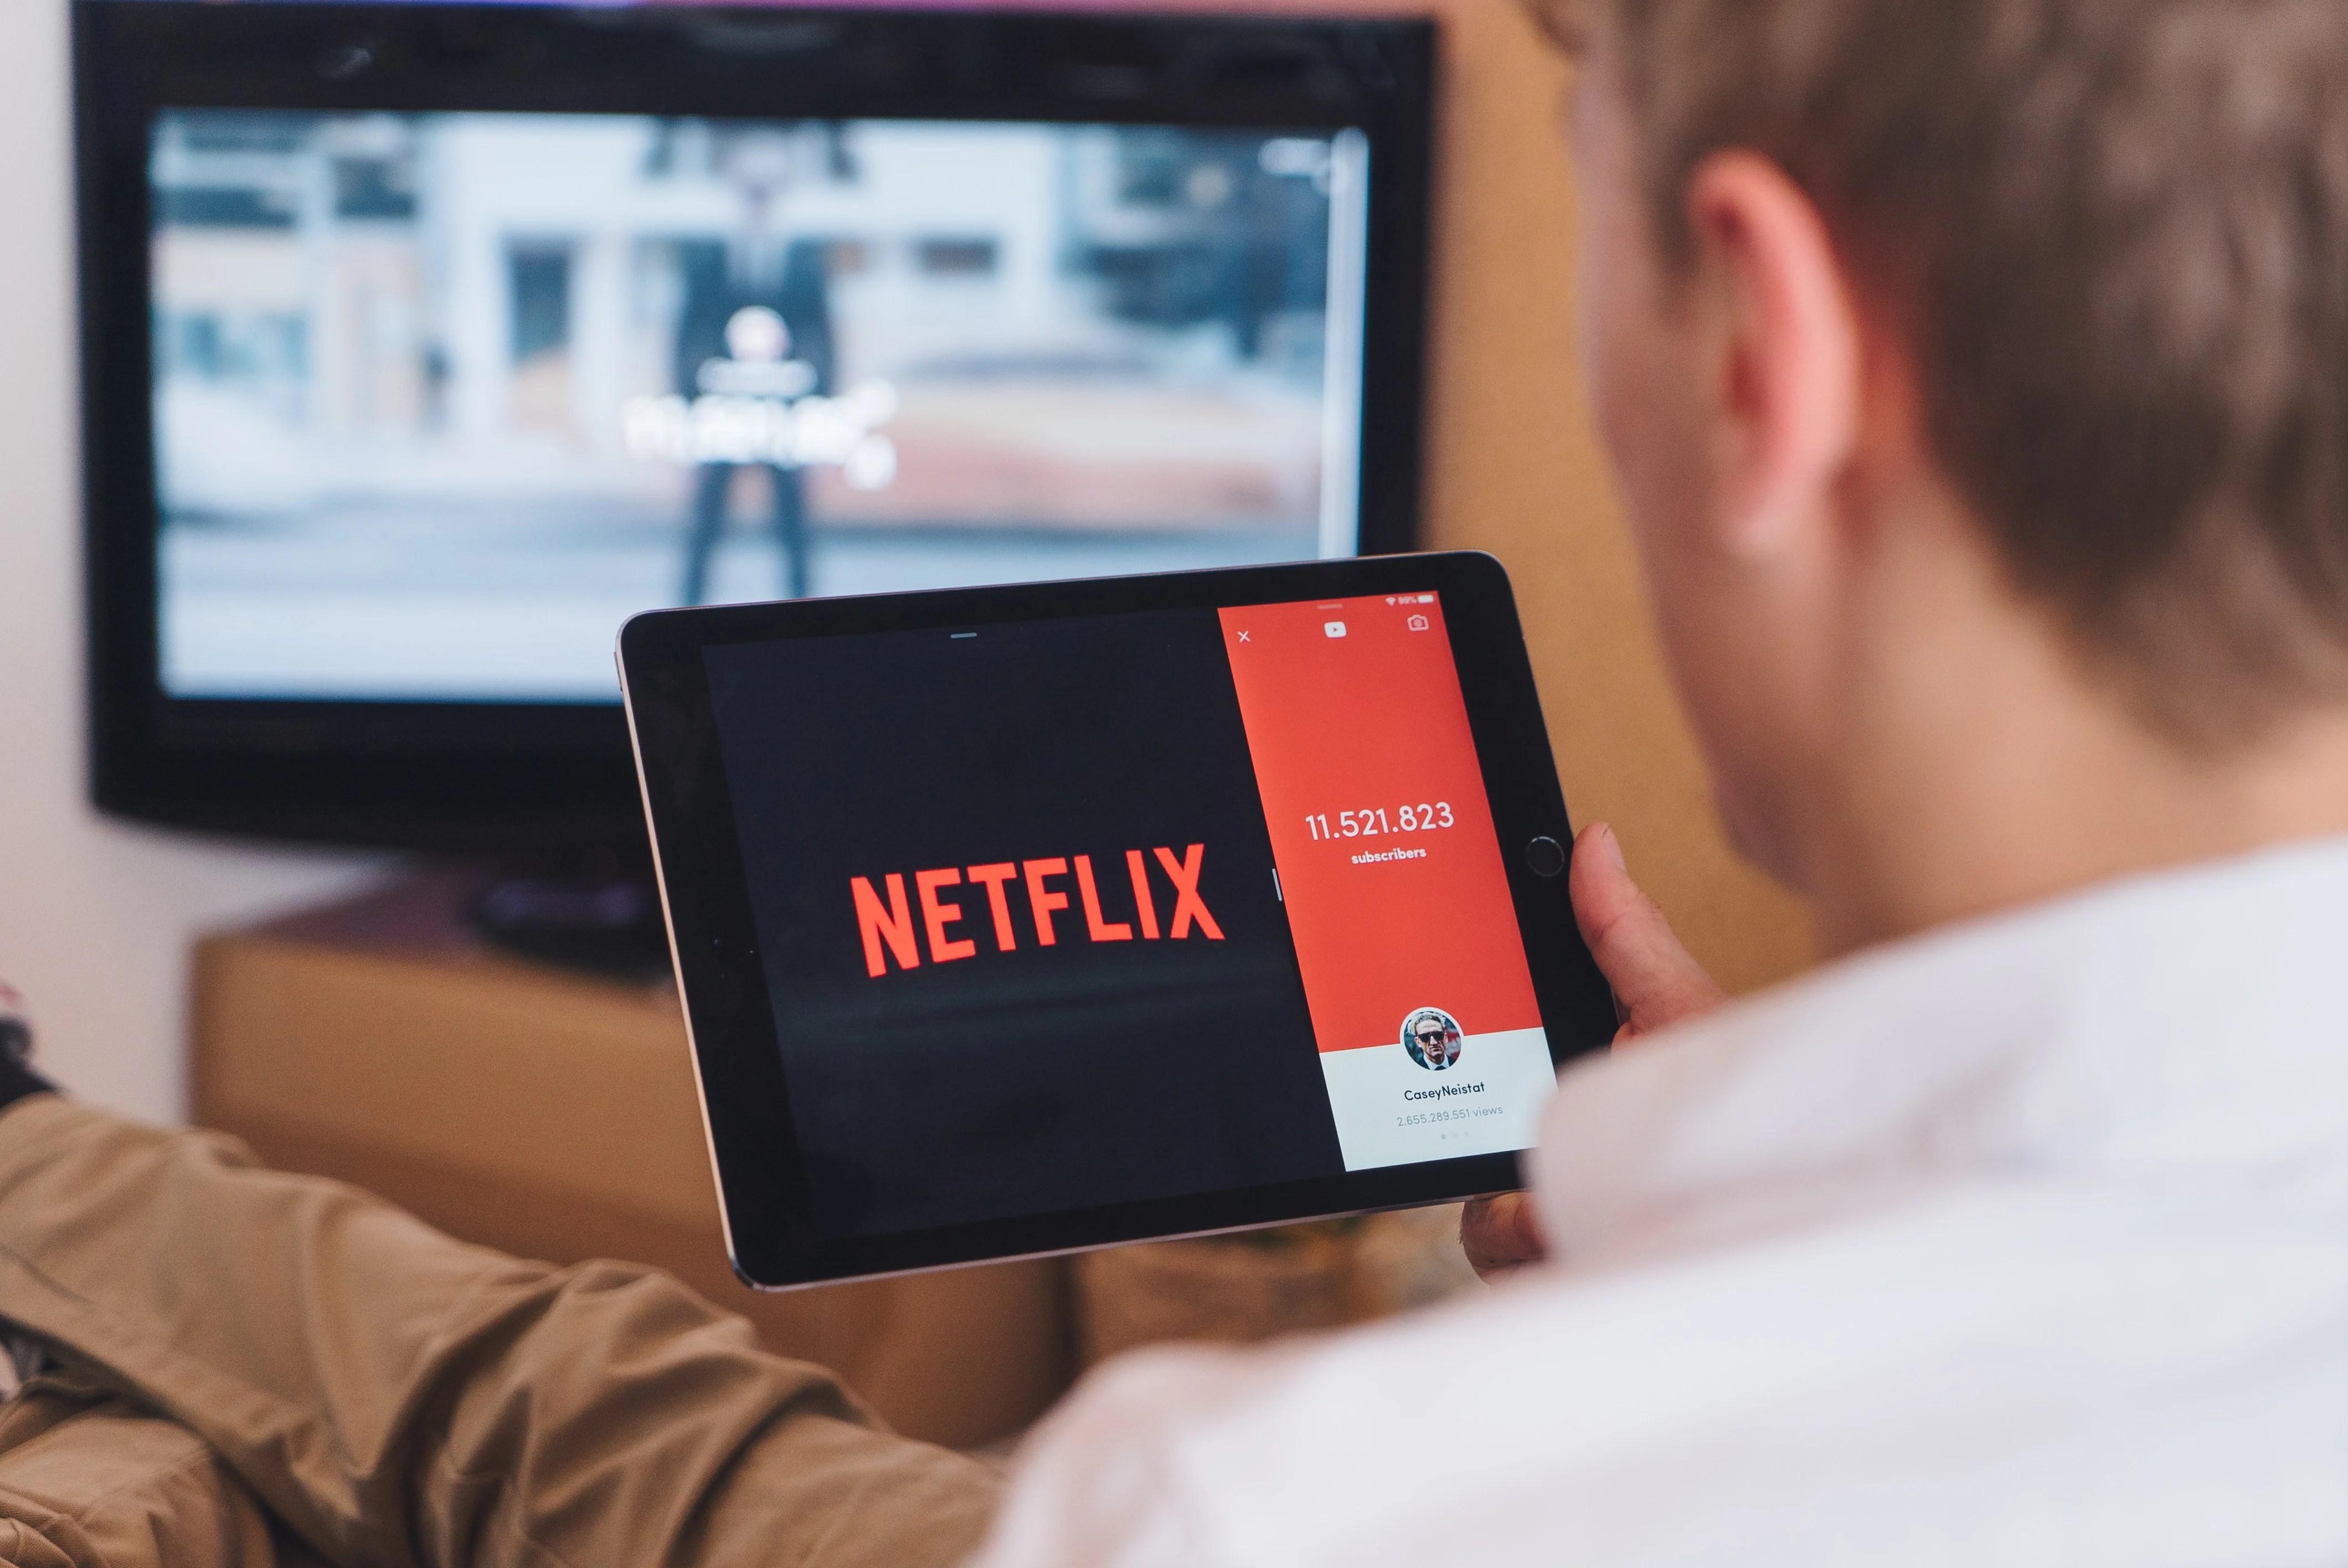 En manque d'évolution, la télé traditionnelle recule toujours plus face à Netflix et consorts